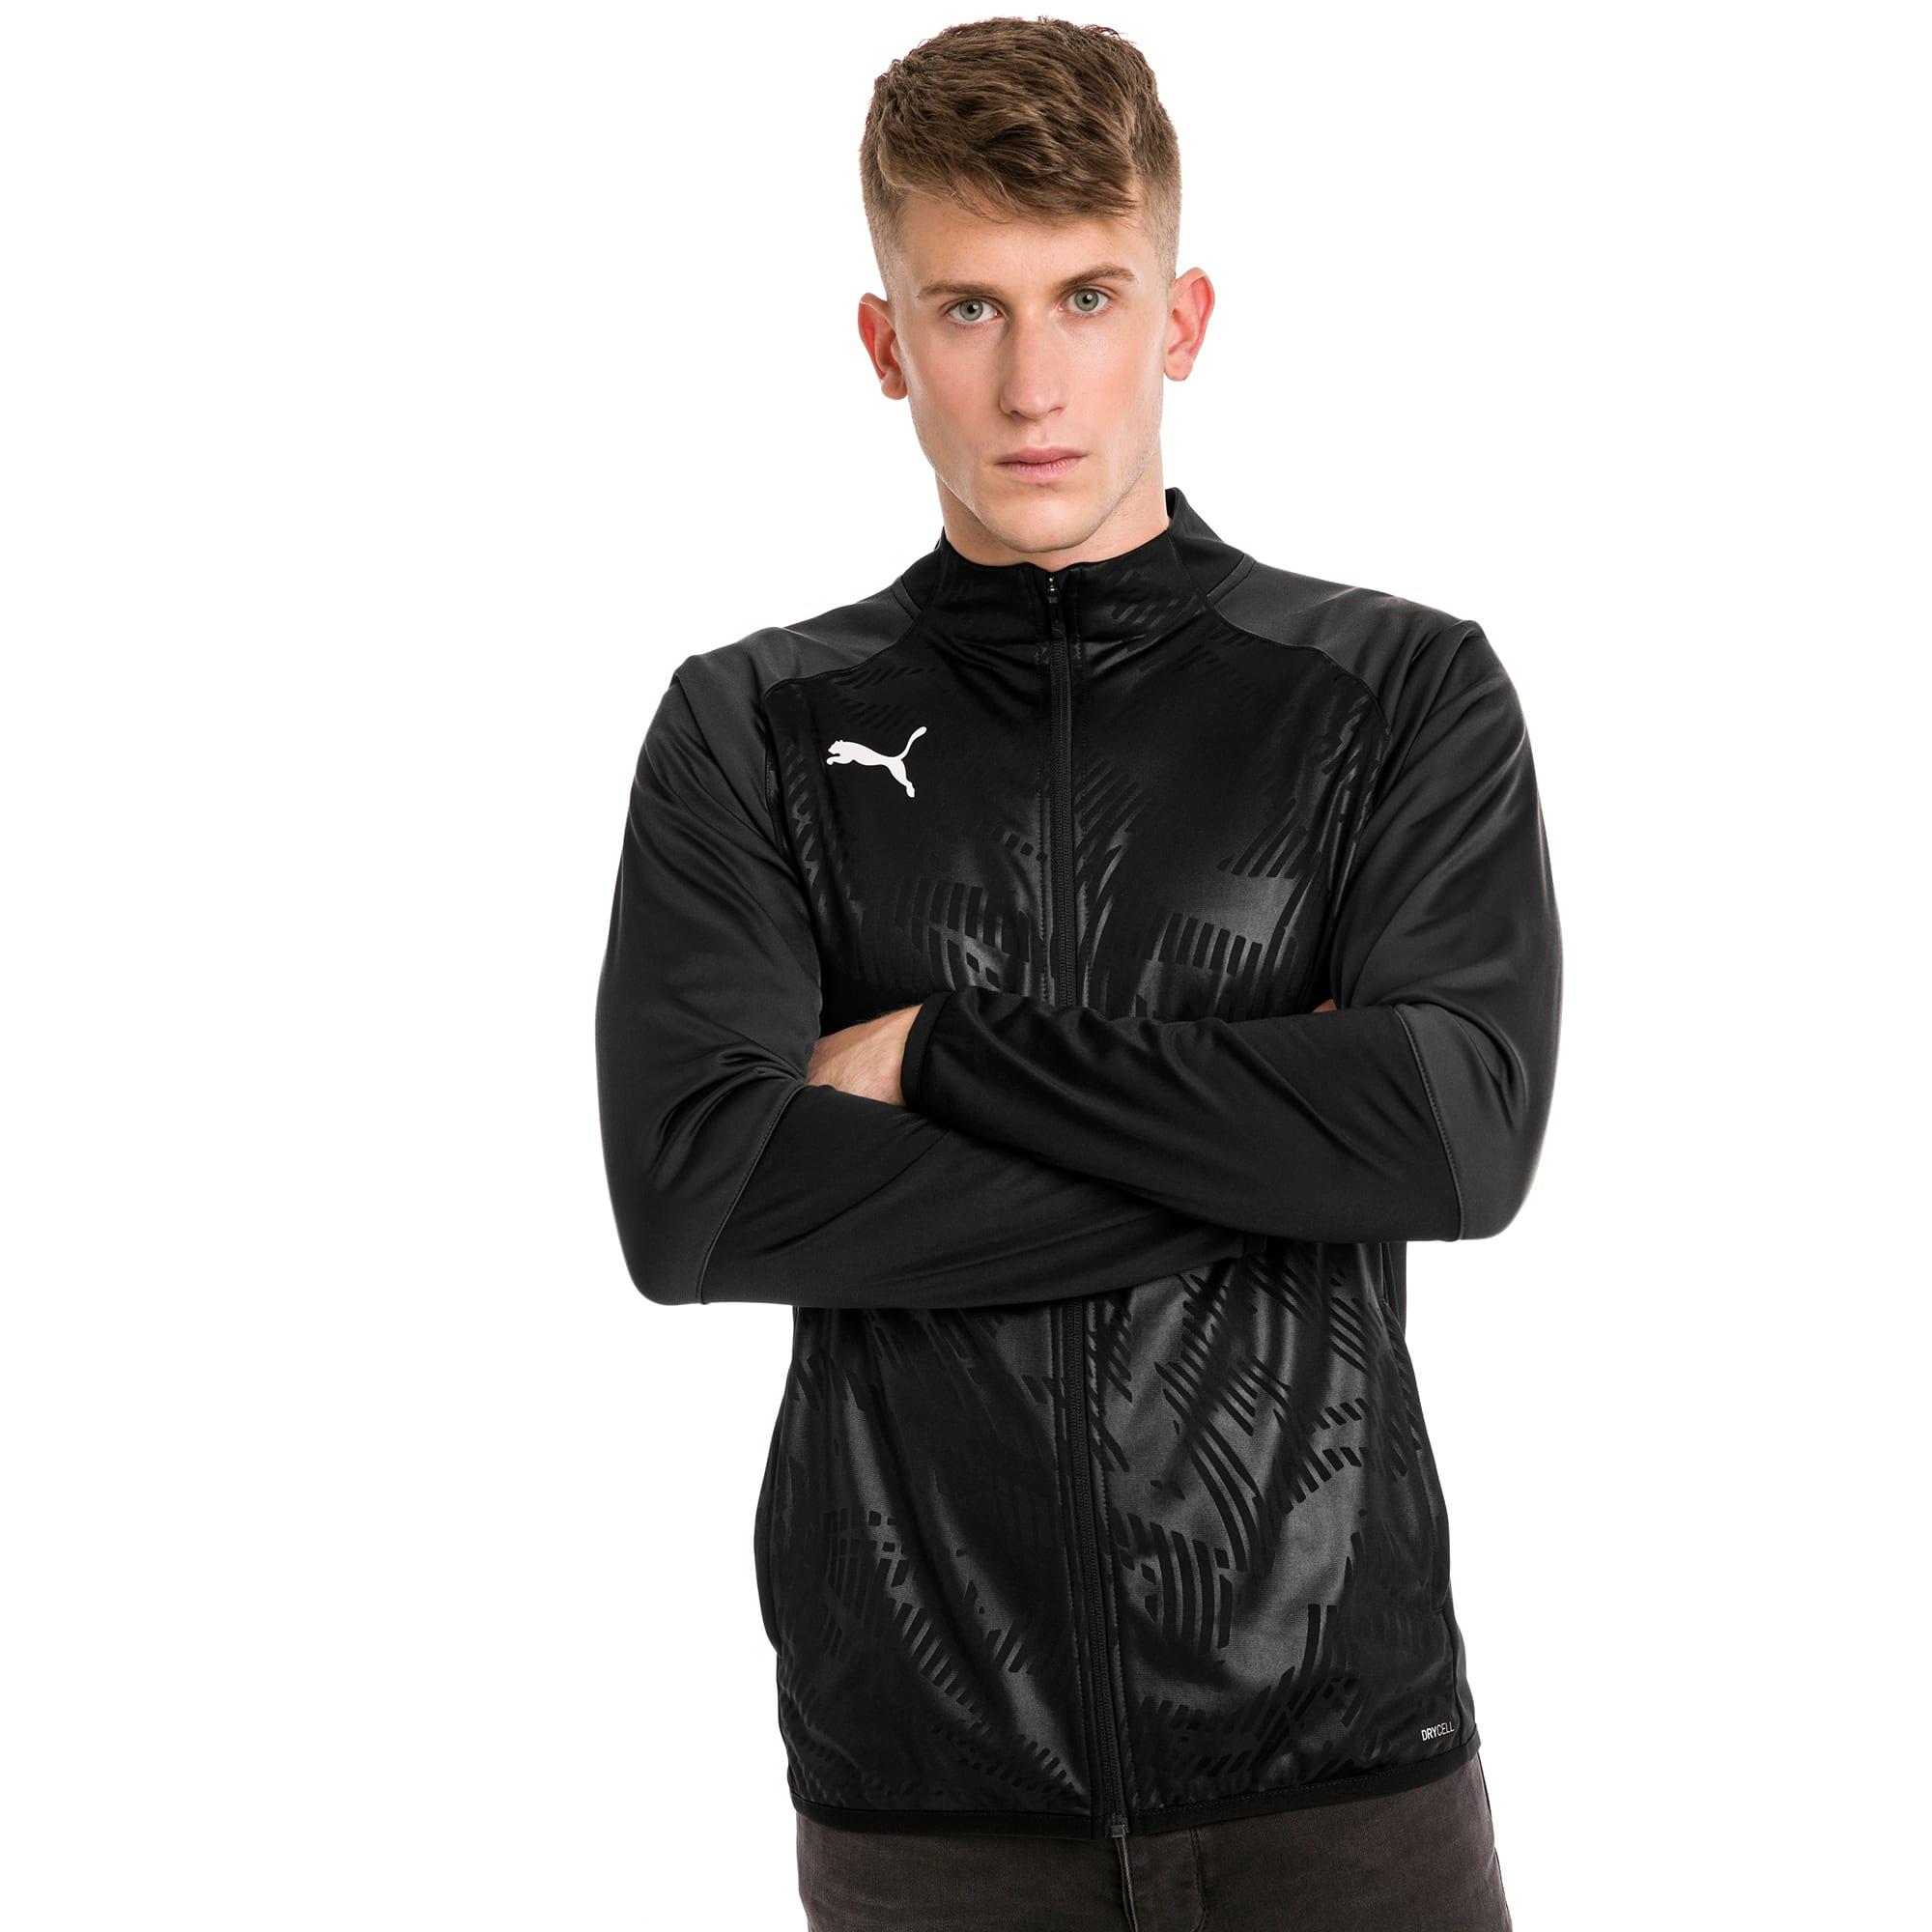 blouson de survêtement pour le foot cup training poly core pour homme, noir/gris, taille xl, vêtements